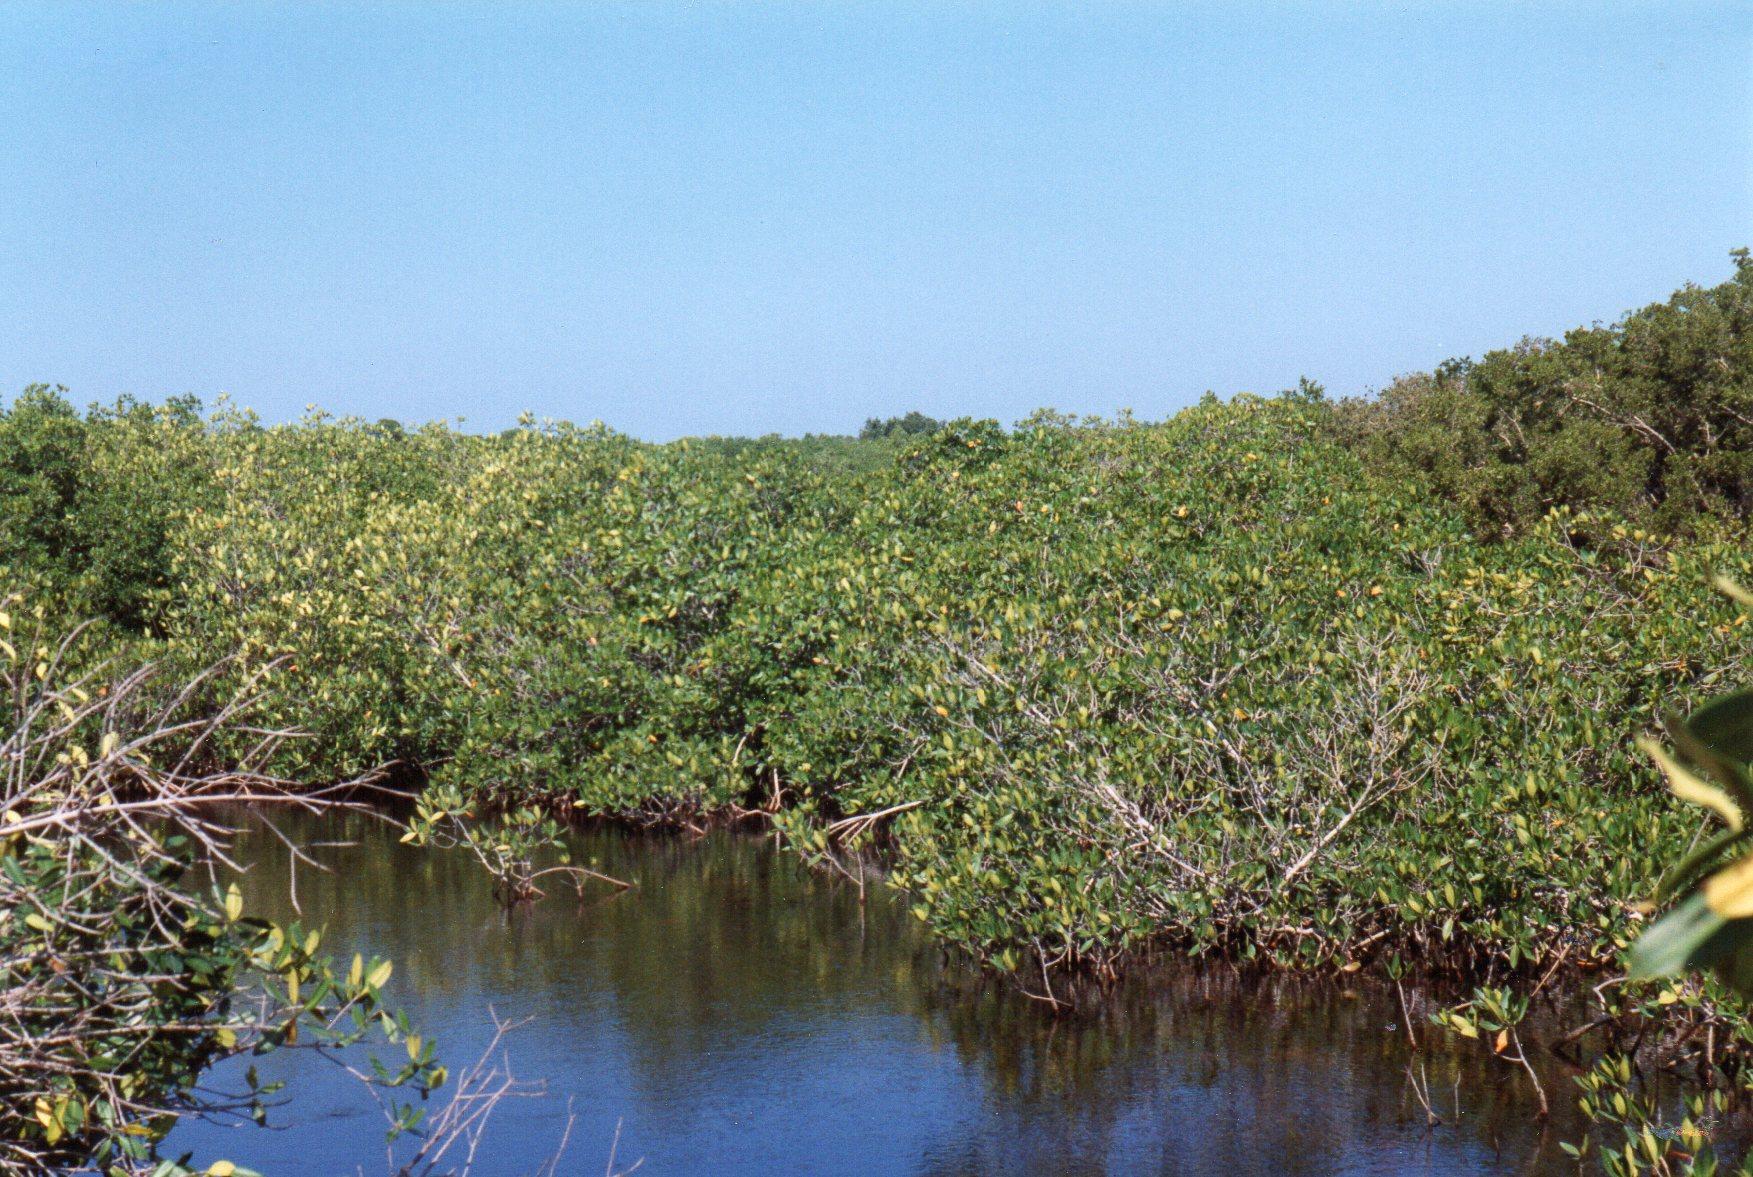 Mangrove i nationalparken yderst på Varaderohalvøen. Hvert år rykkede hotellerne en halv kilometer længere ud i nationalparken, men i 1998 var der endnu et vist udvalg af dyre- og fugleliv.